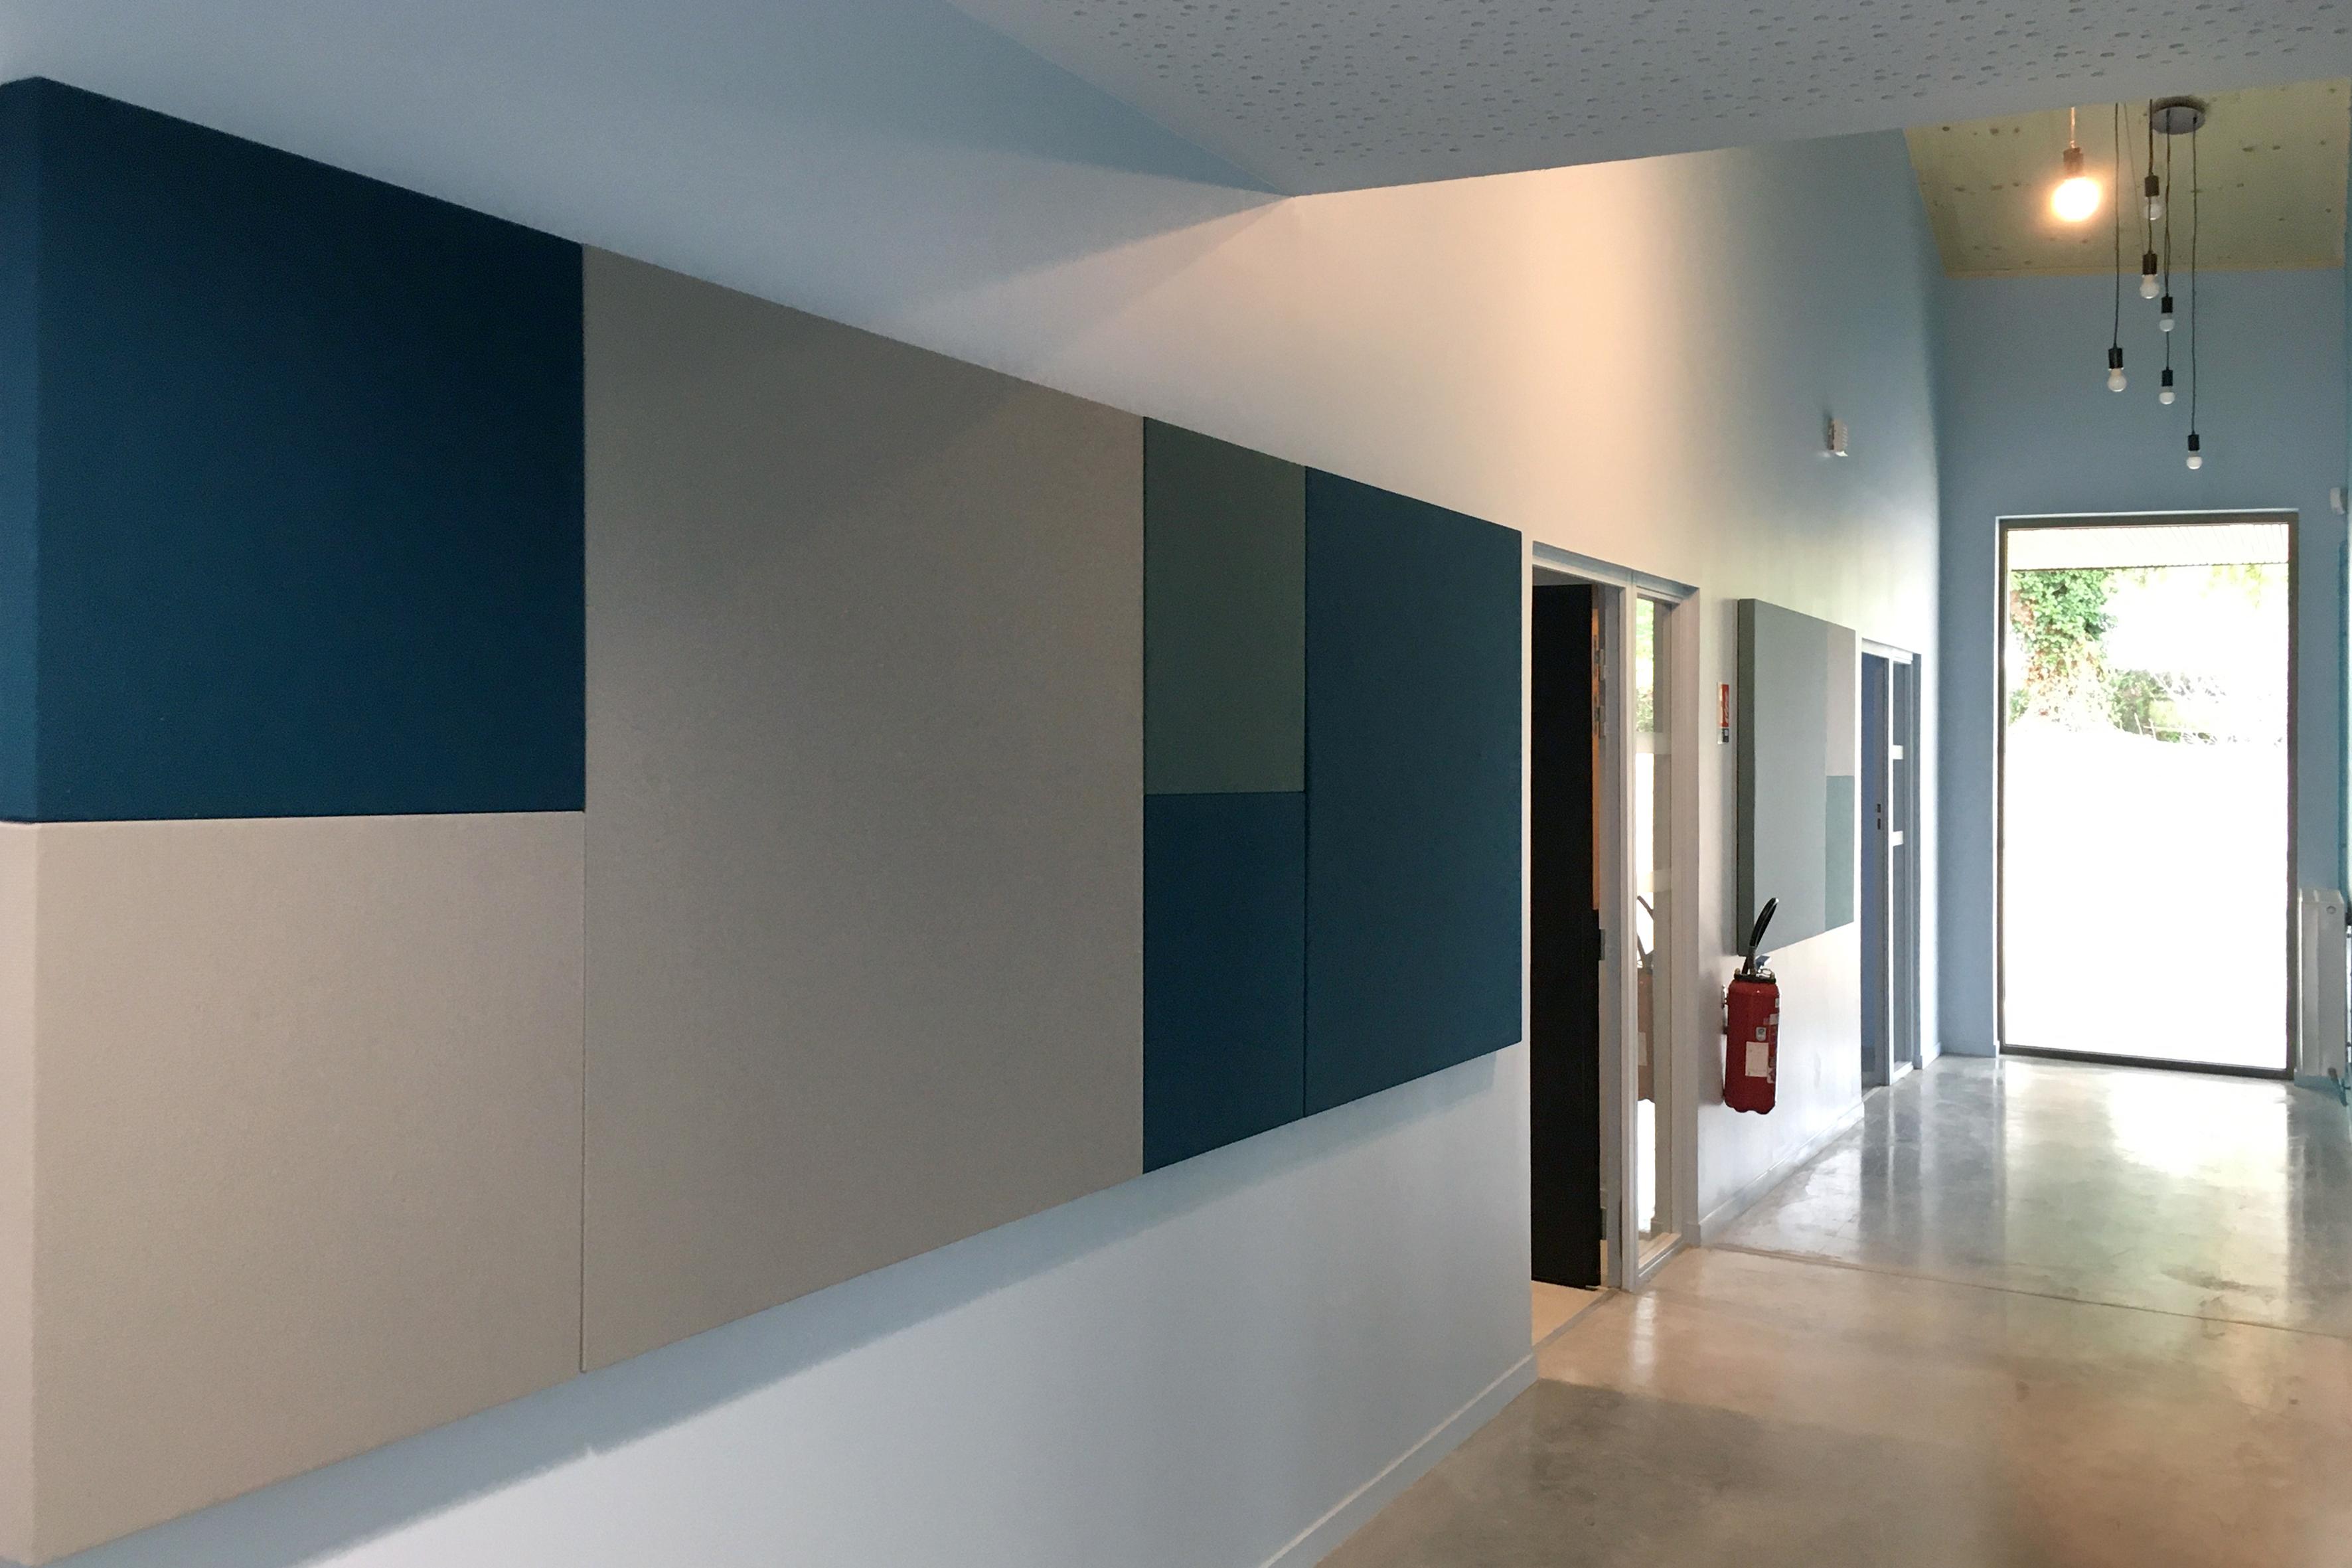 UL-GDLAC-couloir1